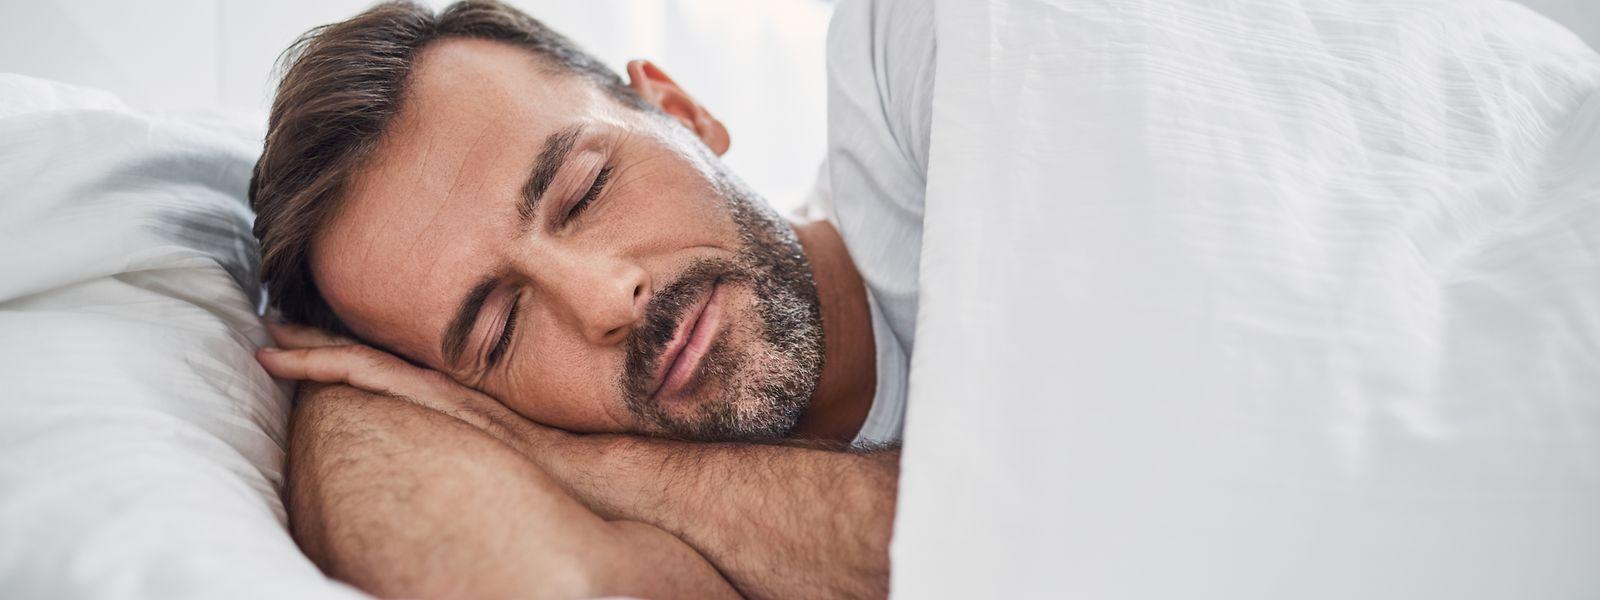 Normalerweise sinkt der Blutdruck nachts ab - doch das ist nicht bei allen Menschen so.